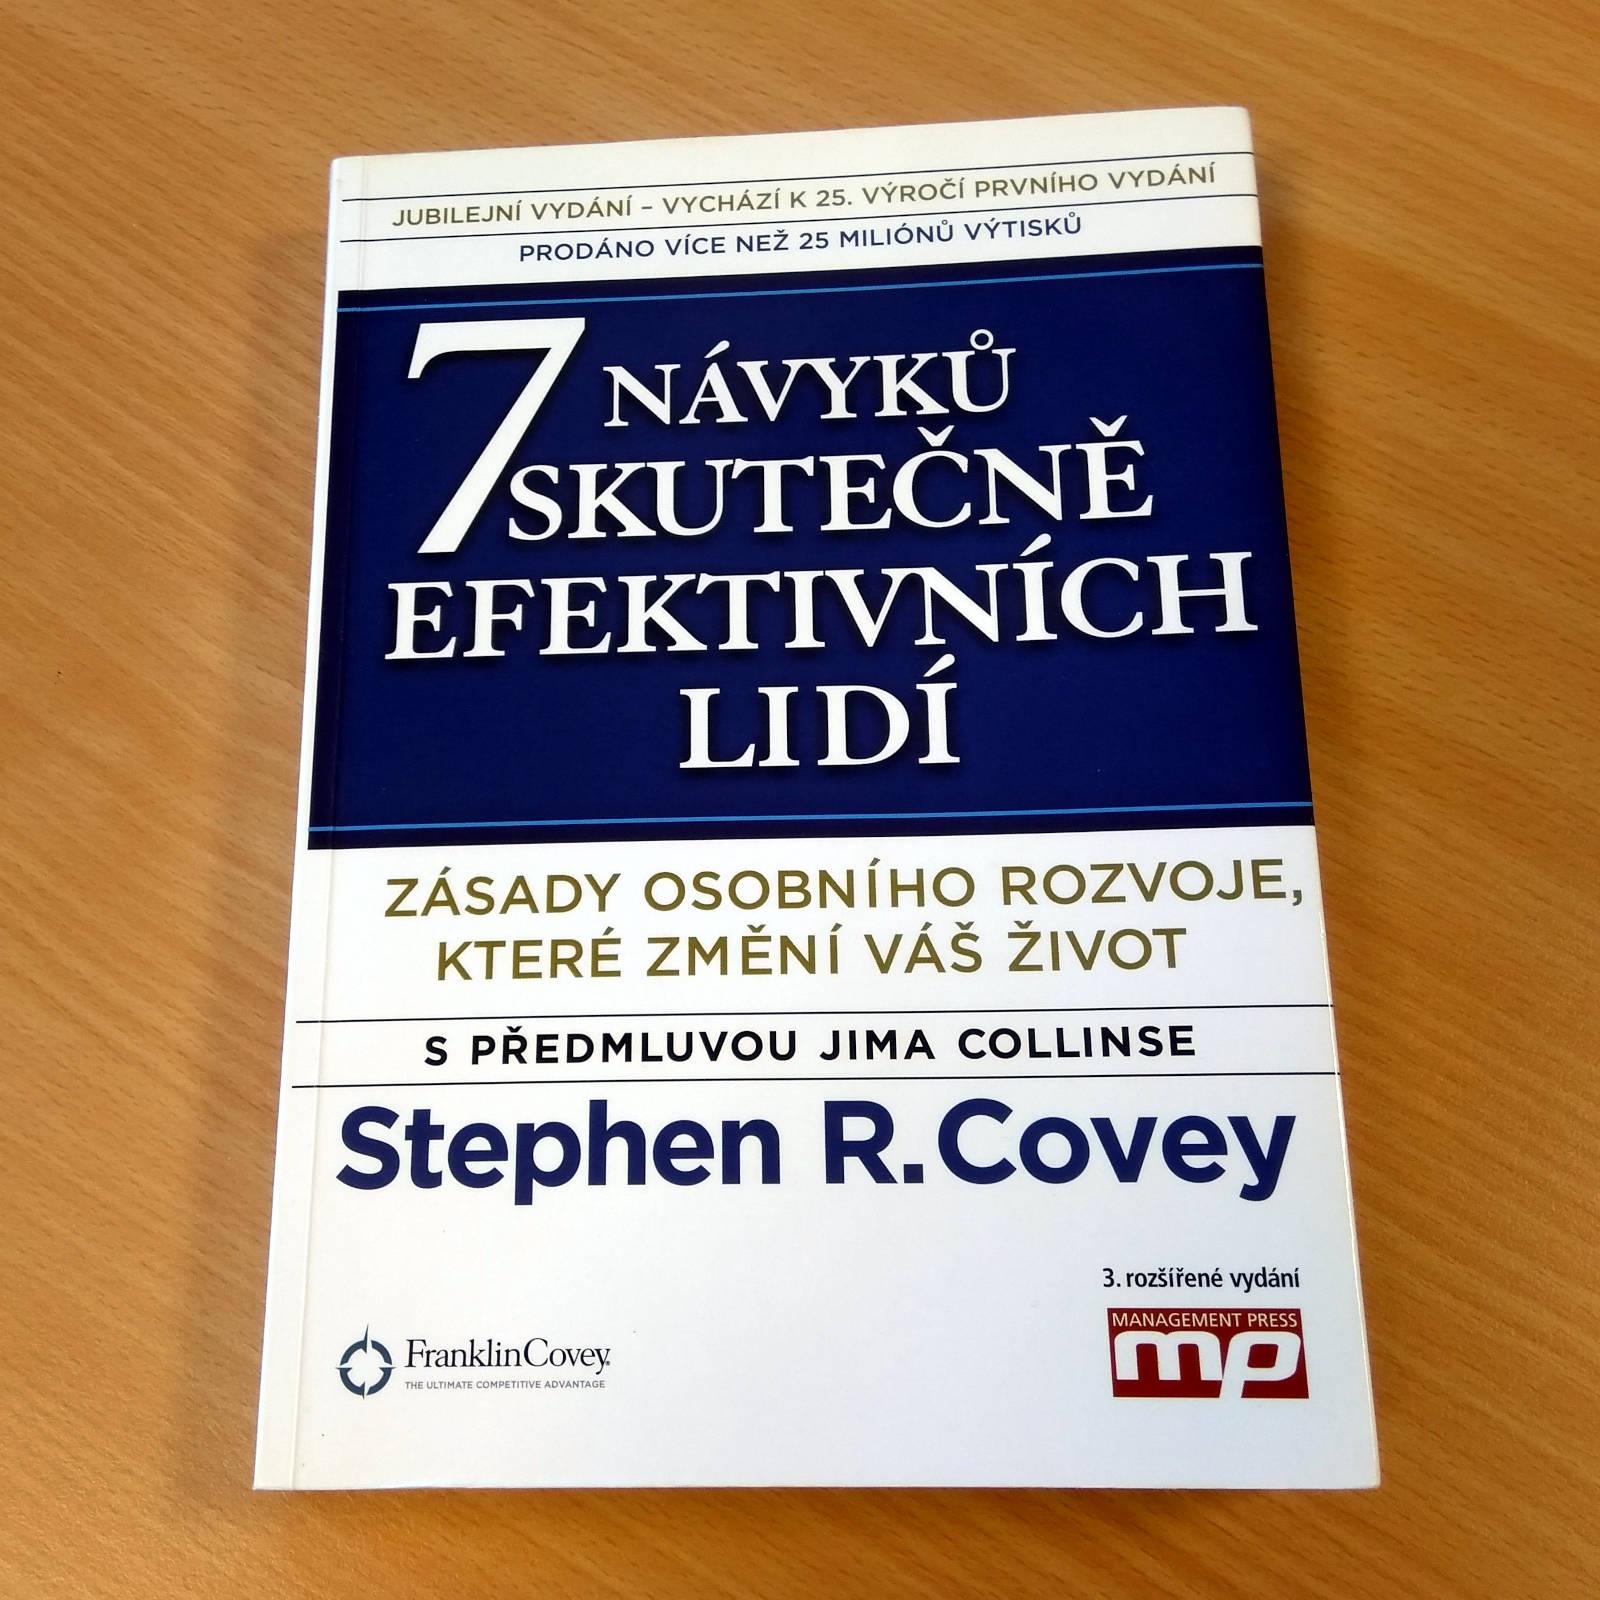 Mezinárodní bestseller si v Česku můžete pořídit v tištěné i audio verzi.